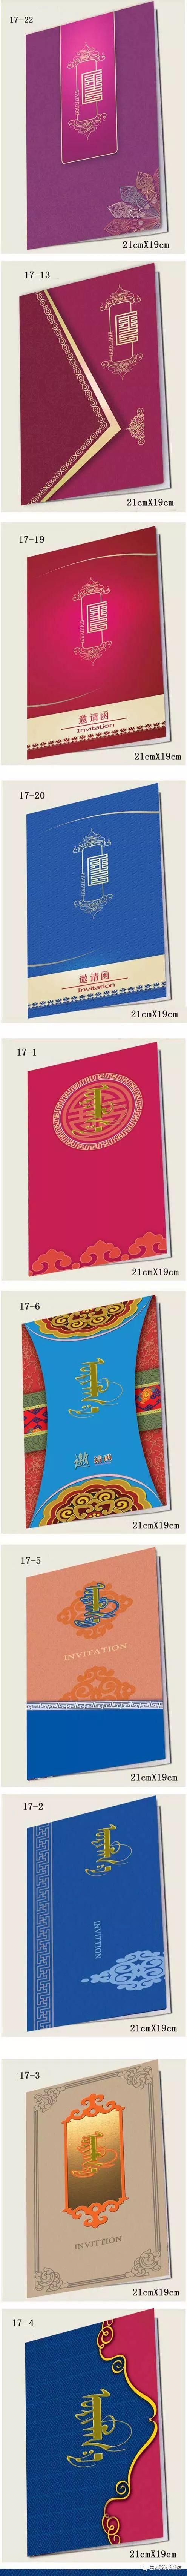 各种蒙文版请帖设计 第3张 各种蒙文版请帖设计 蒙古设计